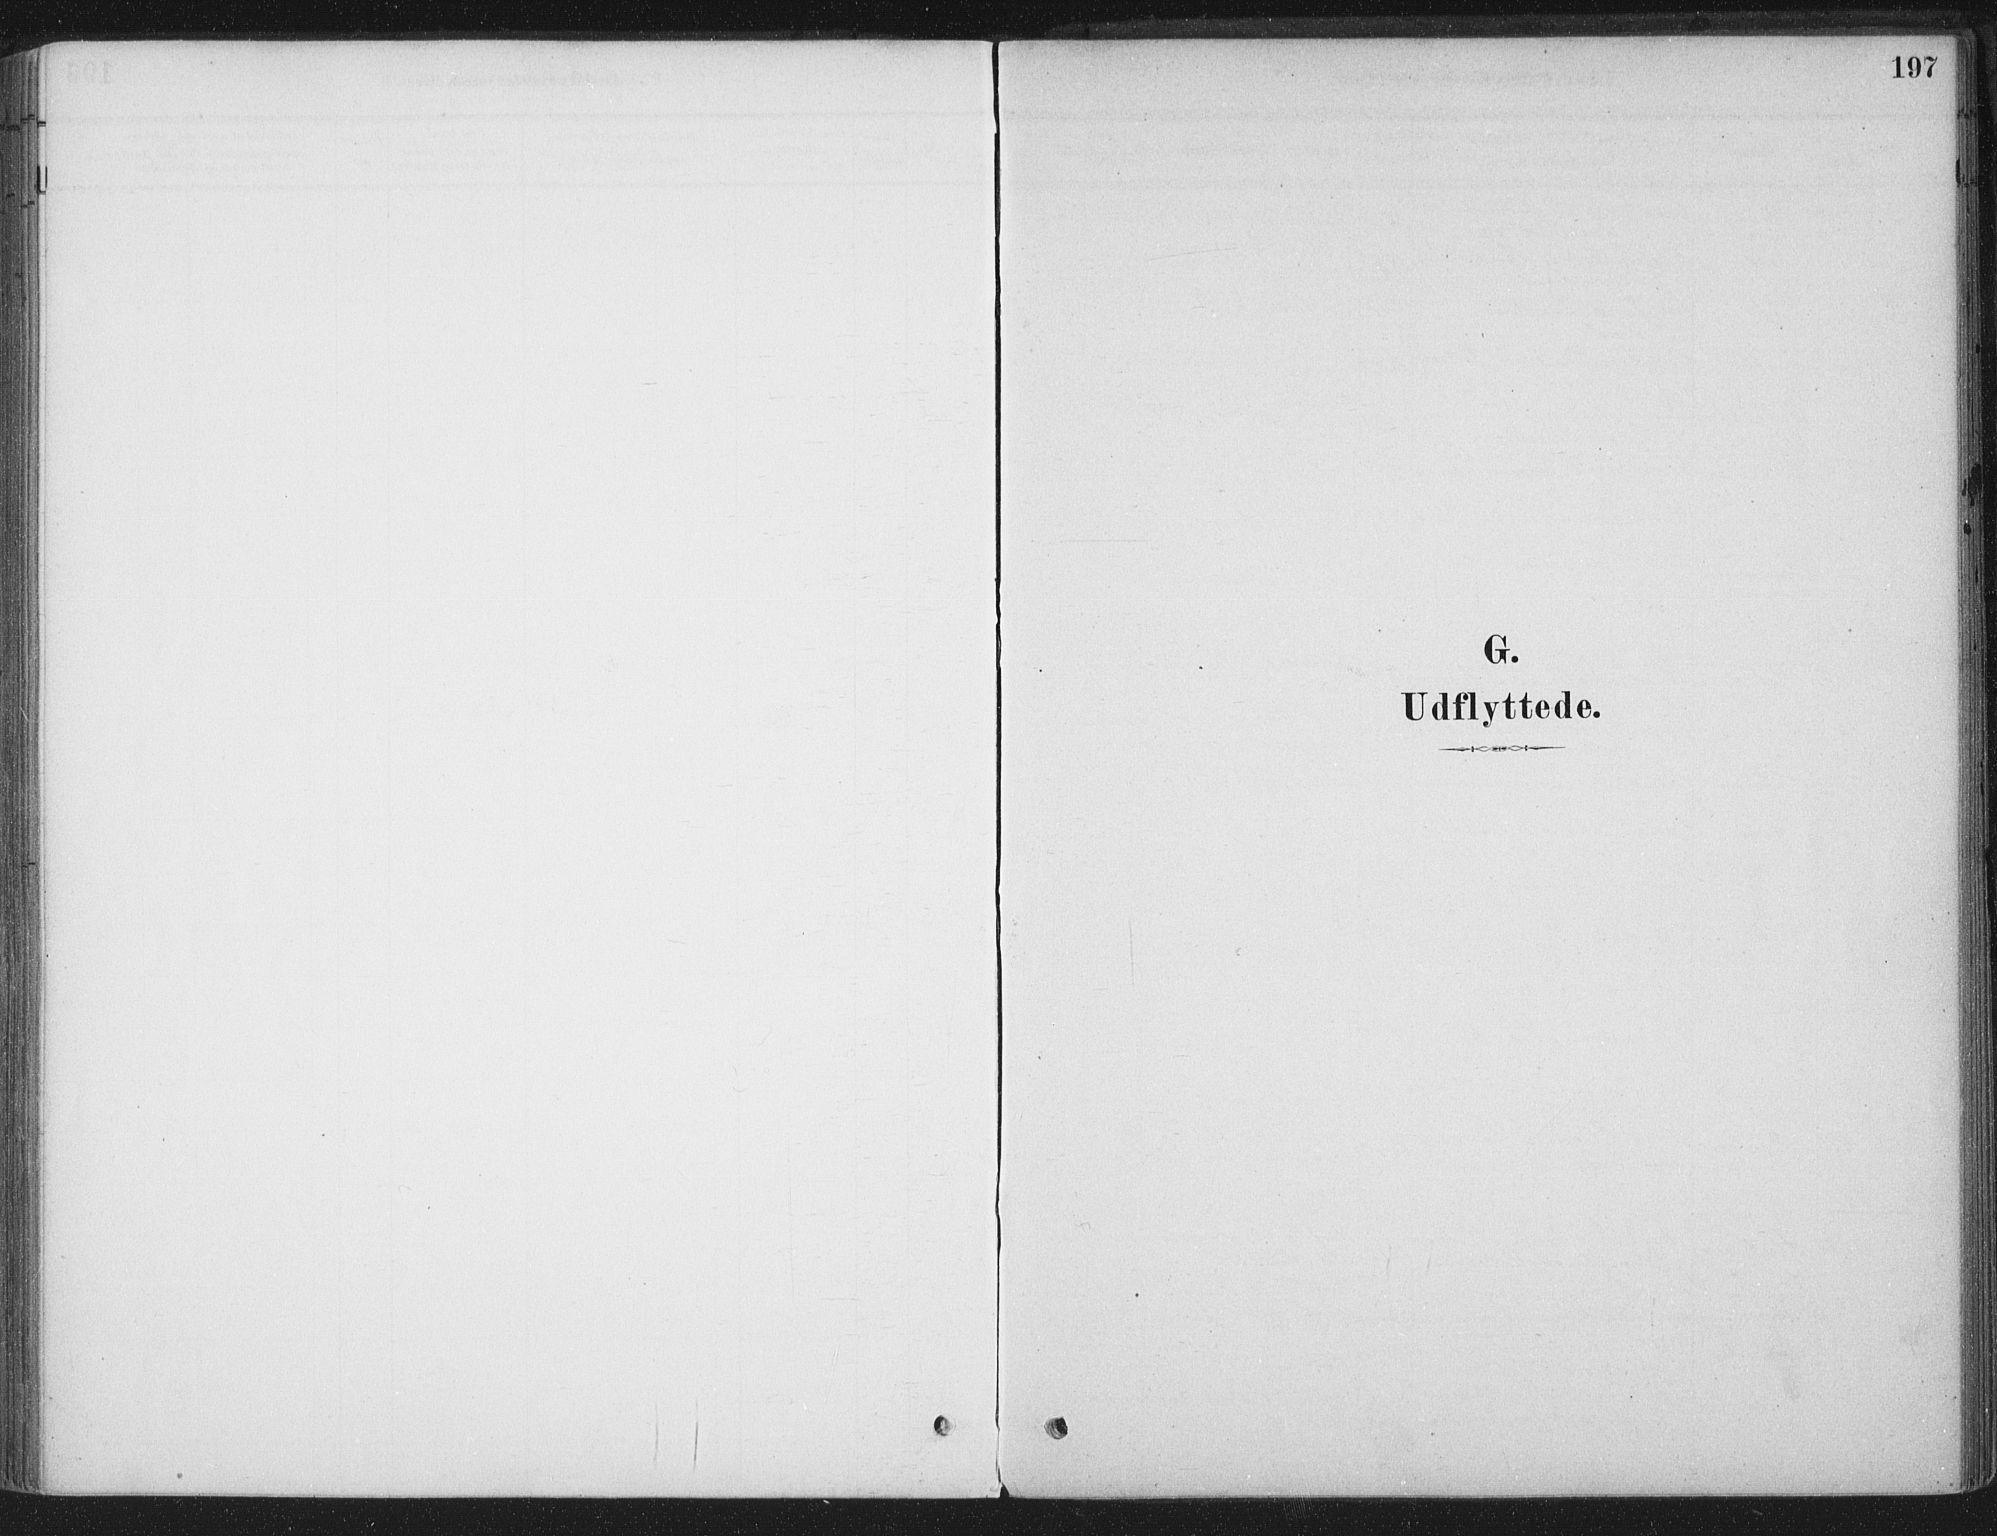 SAT, Ministerialprotokoller, klokkerbøker og fødselsregistre - Sør-Trøndelag, 662/L0755: Ministerialbok nr. 662A01, 1879-1905, s. 197